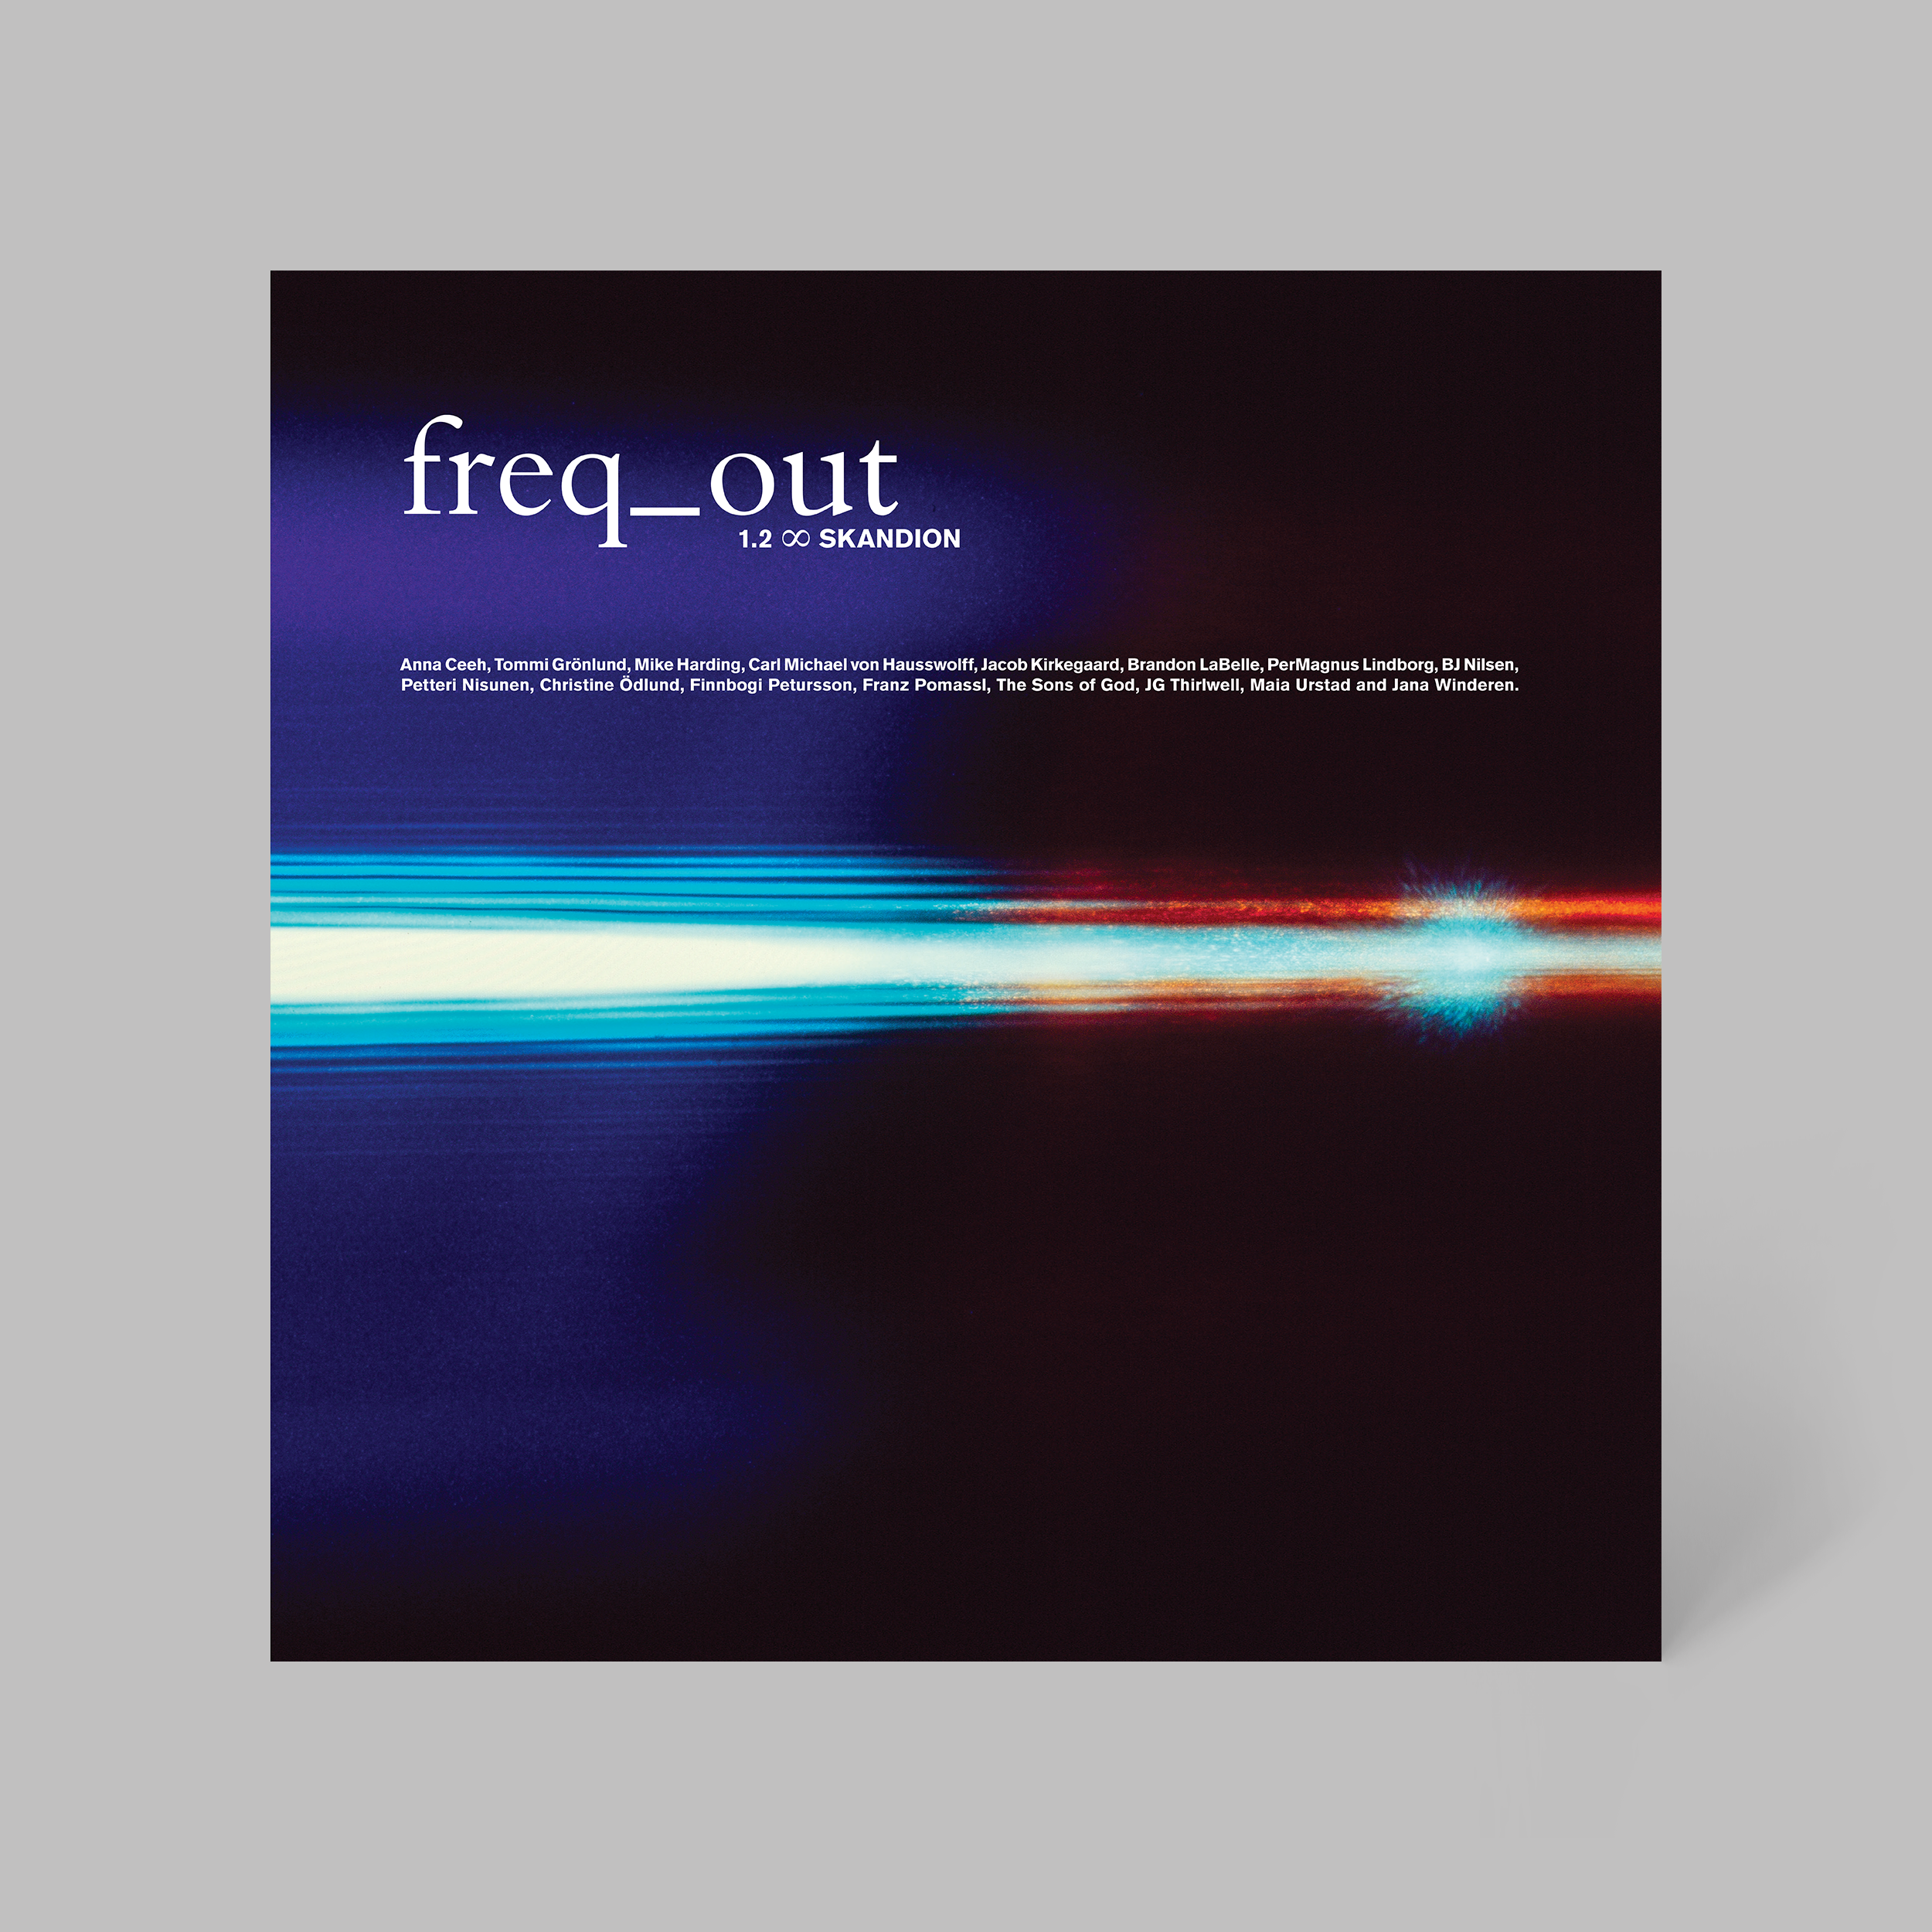 freq_out 1.2 ∞ Skandion